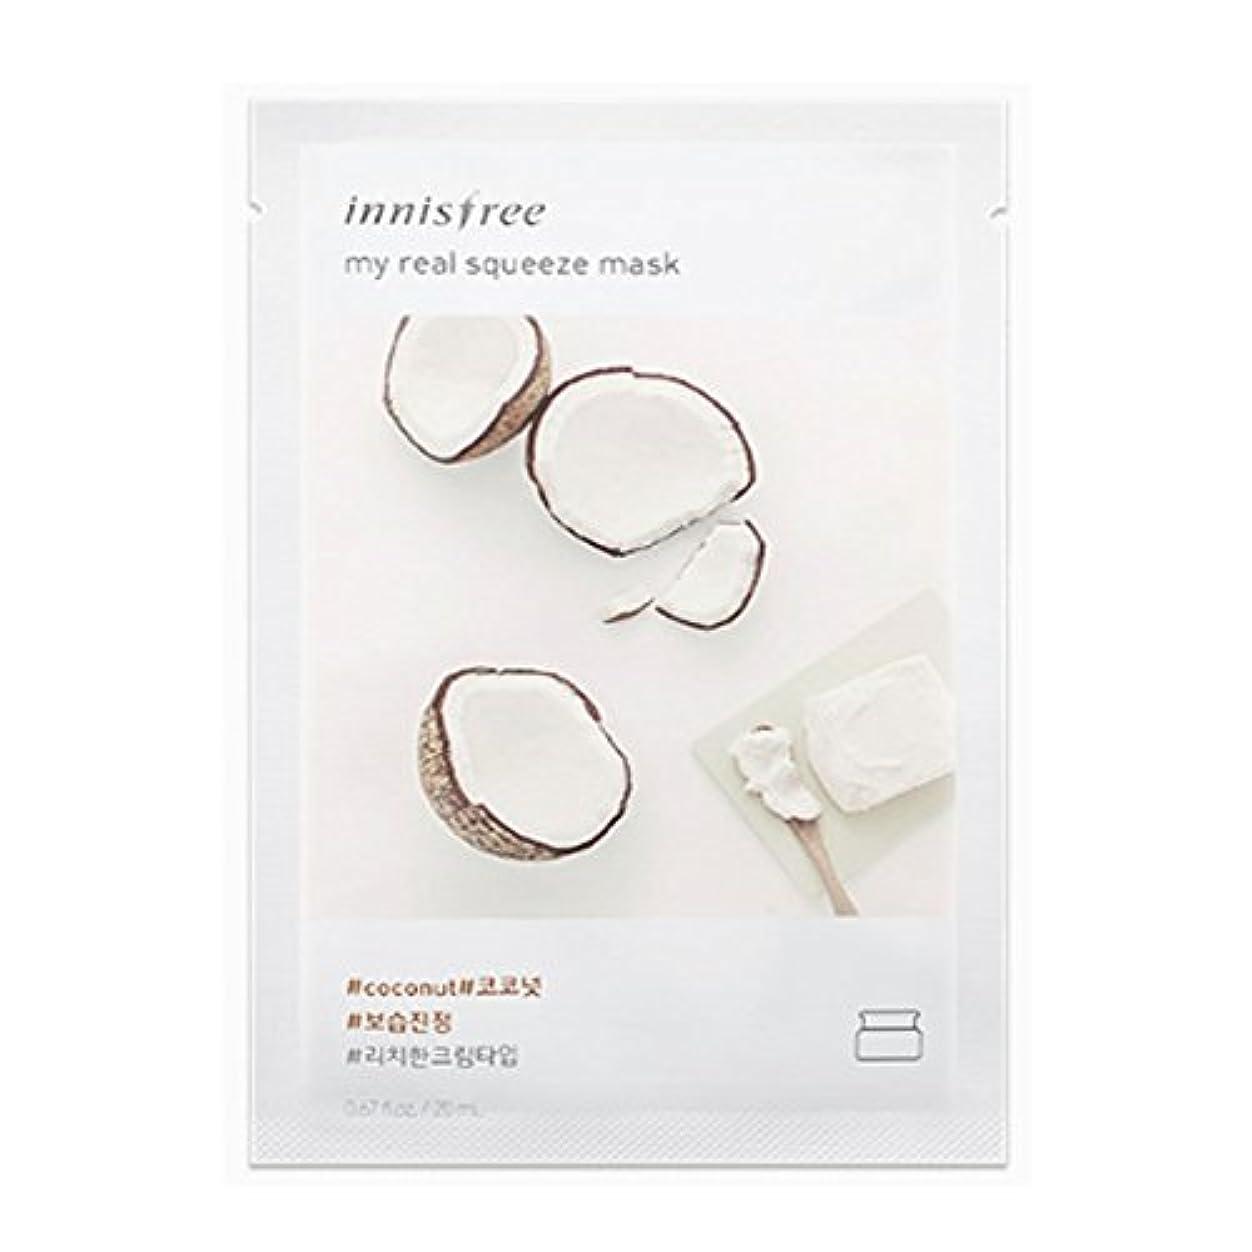 雹集まるプーノイニスフリーダブルフィットリフティングマスク17g + 19g Innisfree Double Fit Lifting Mask 17g+19g [海外直送品][並行輸入品] (#1-Elastic moisturizing)